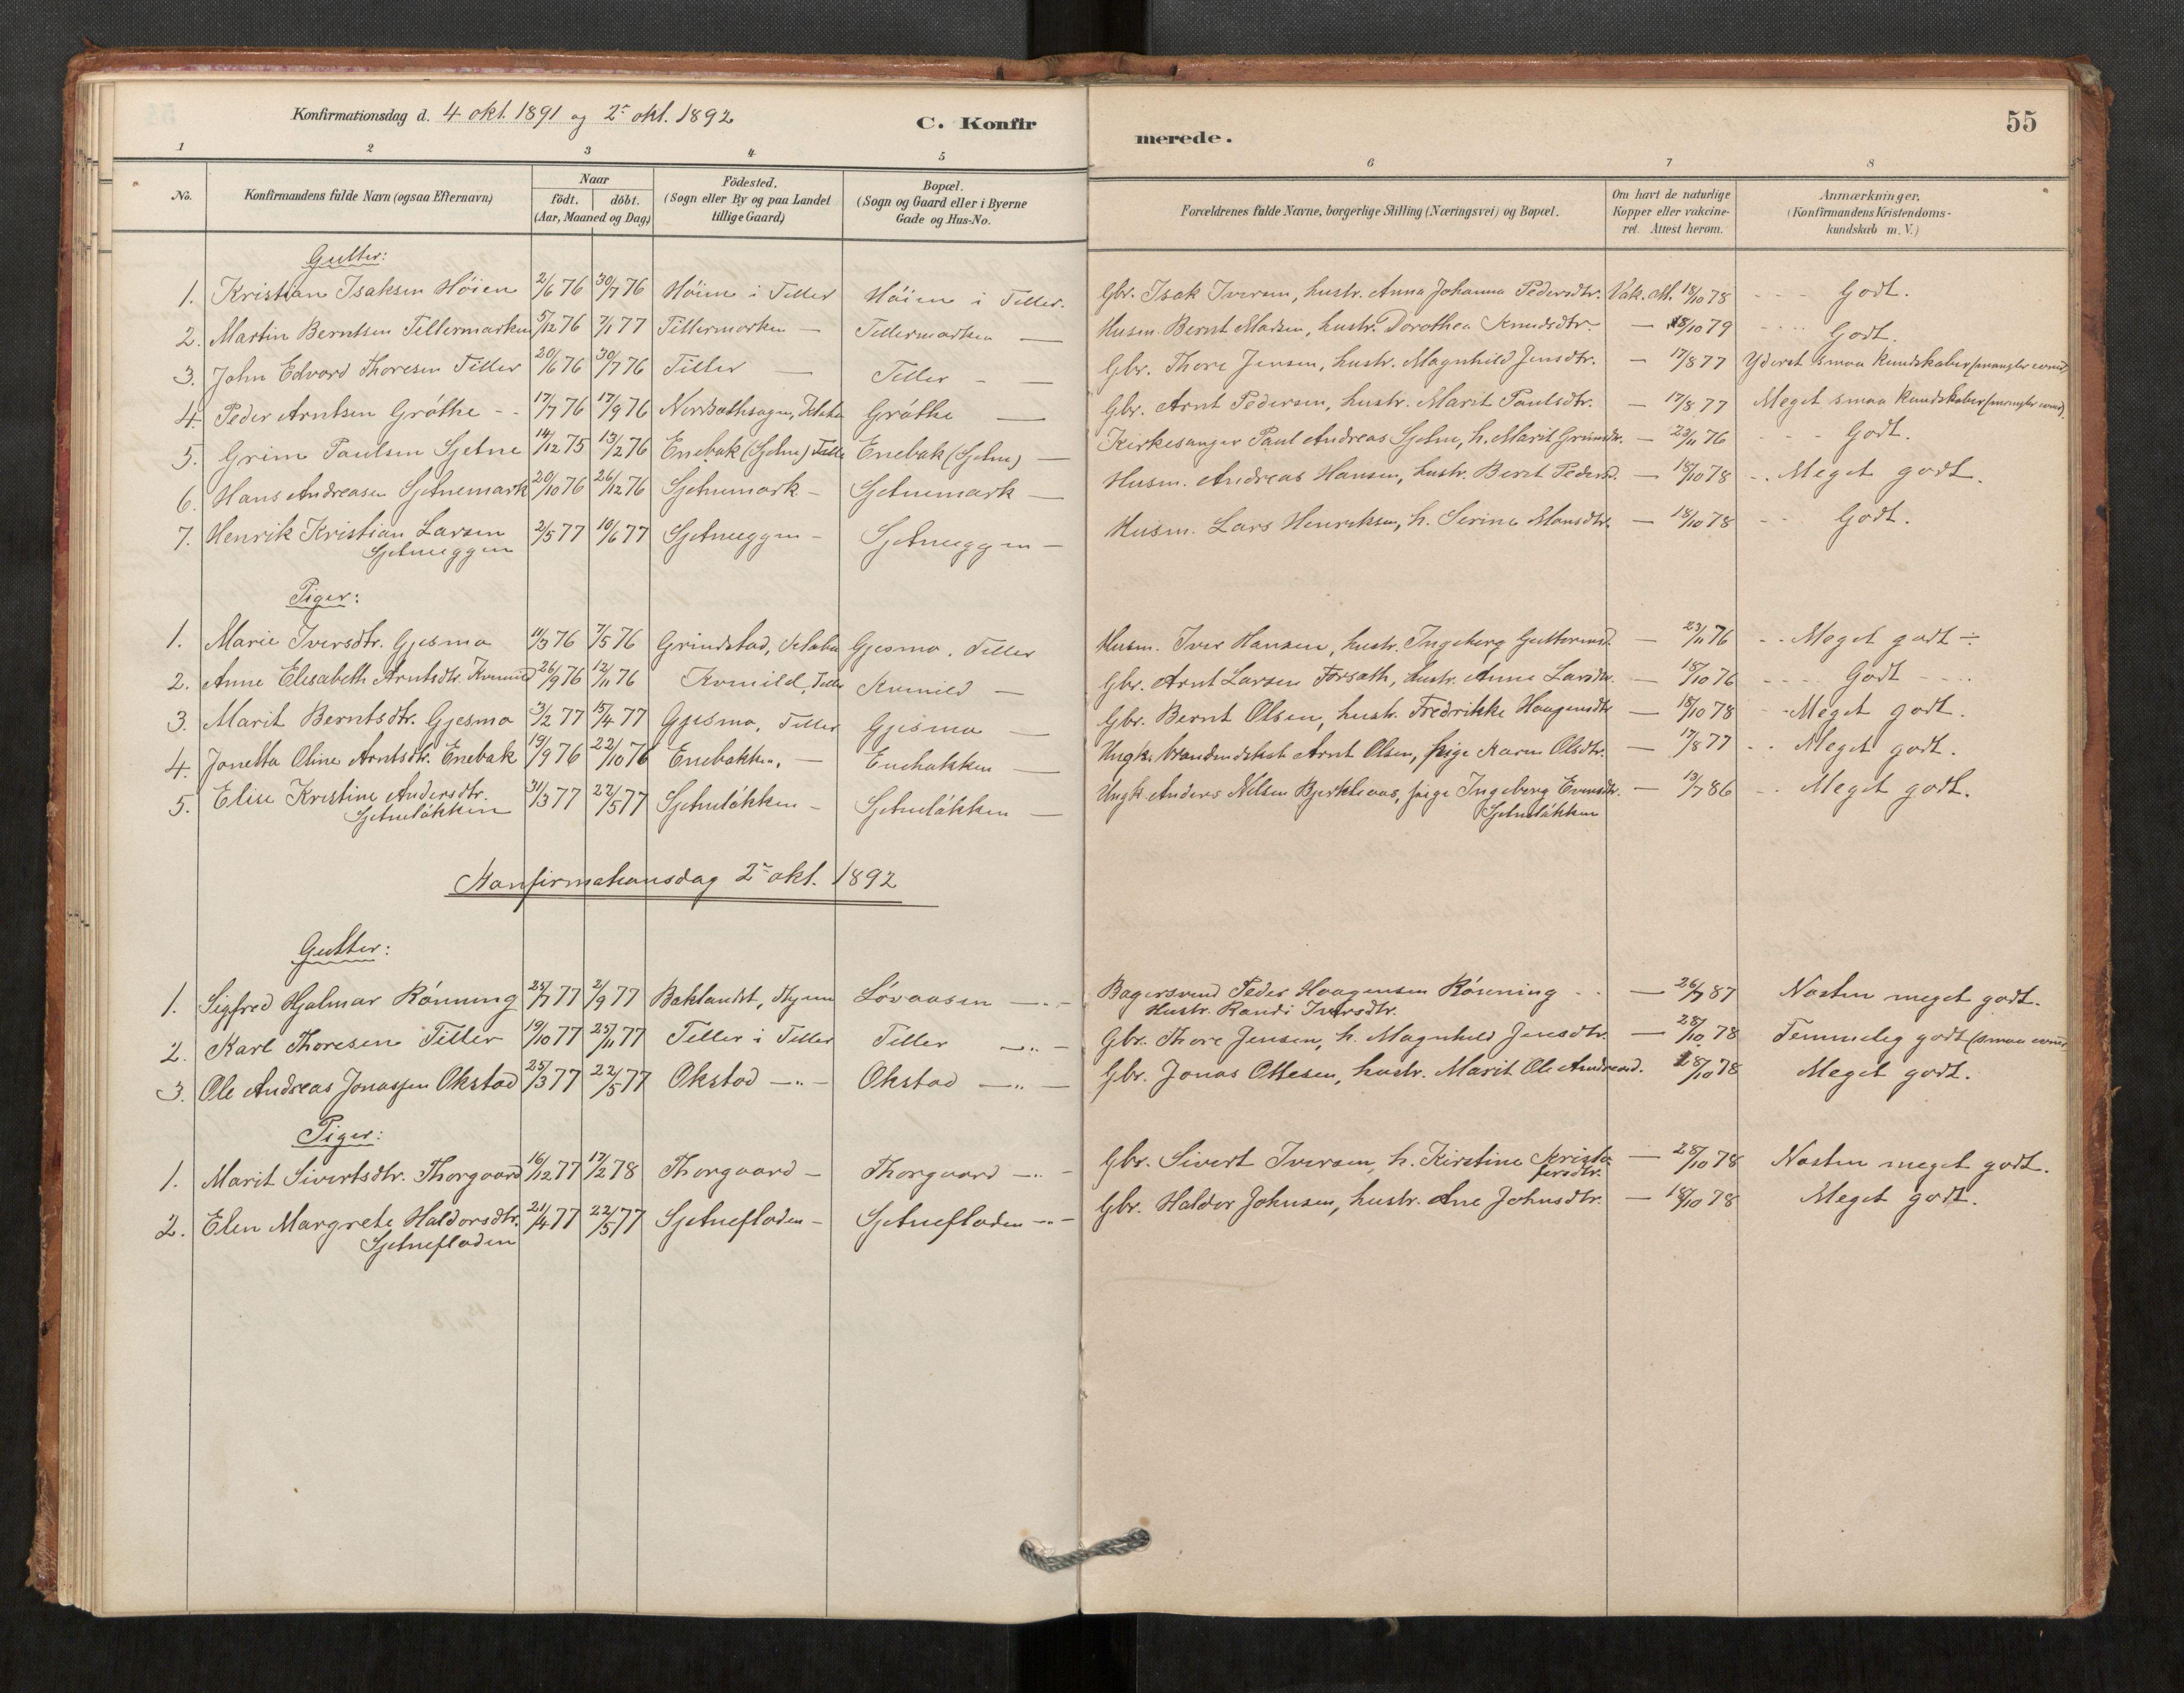 SAT, Klæbu sokneprestkontor, Parish register (official) no. 1, 1880-1900, p. 55